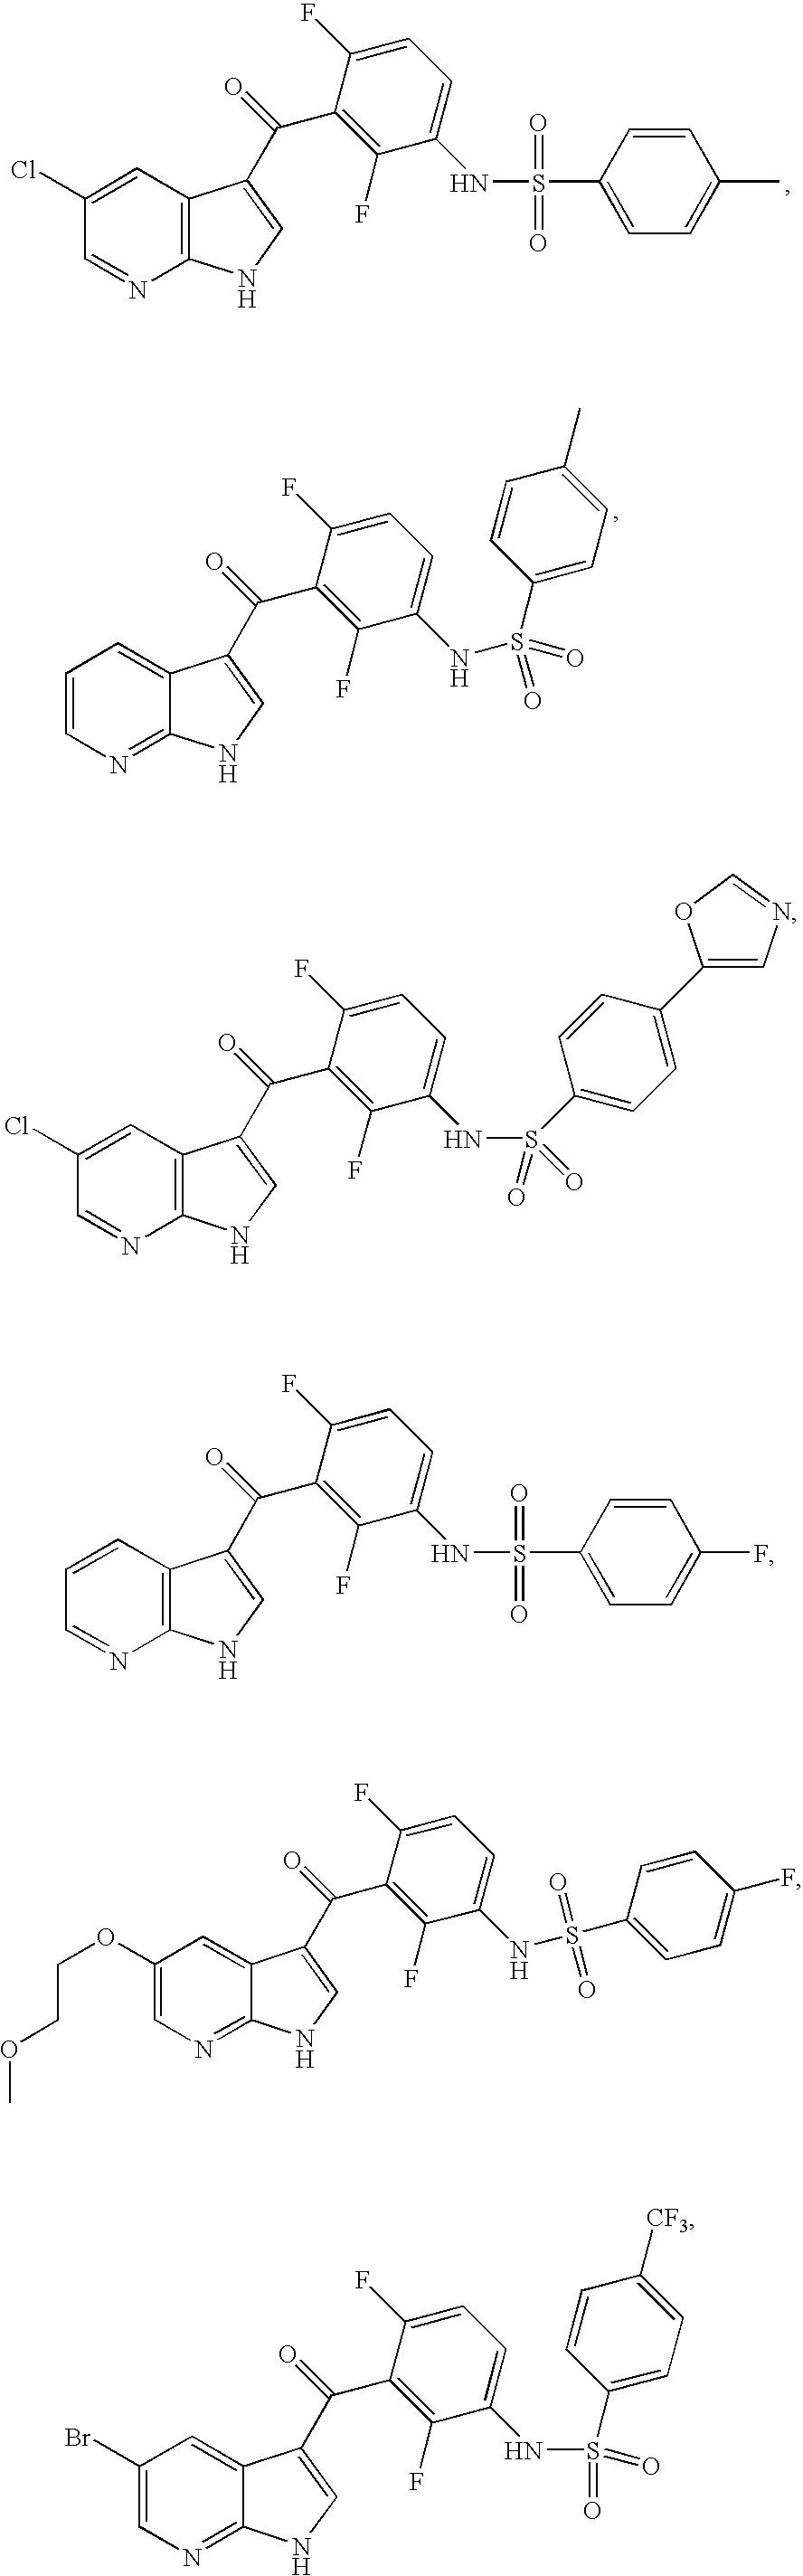 Figure US20080167338A1-20080710-C00004